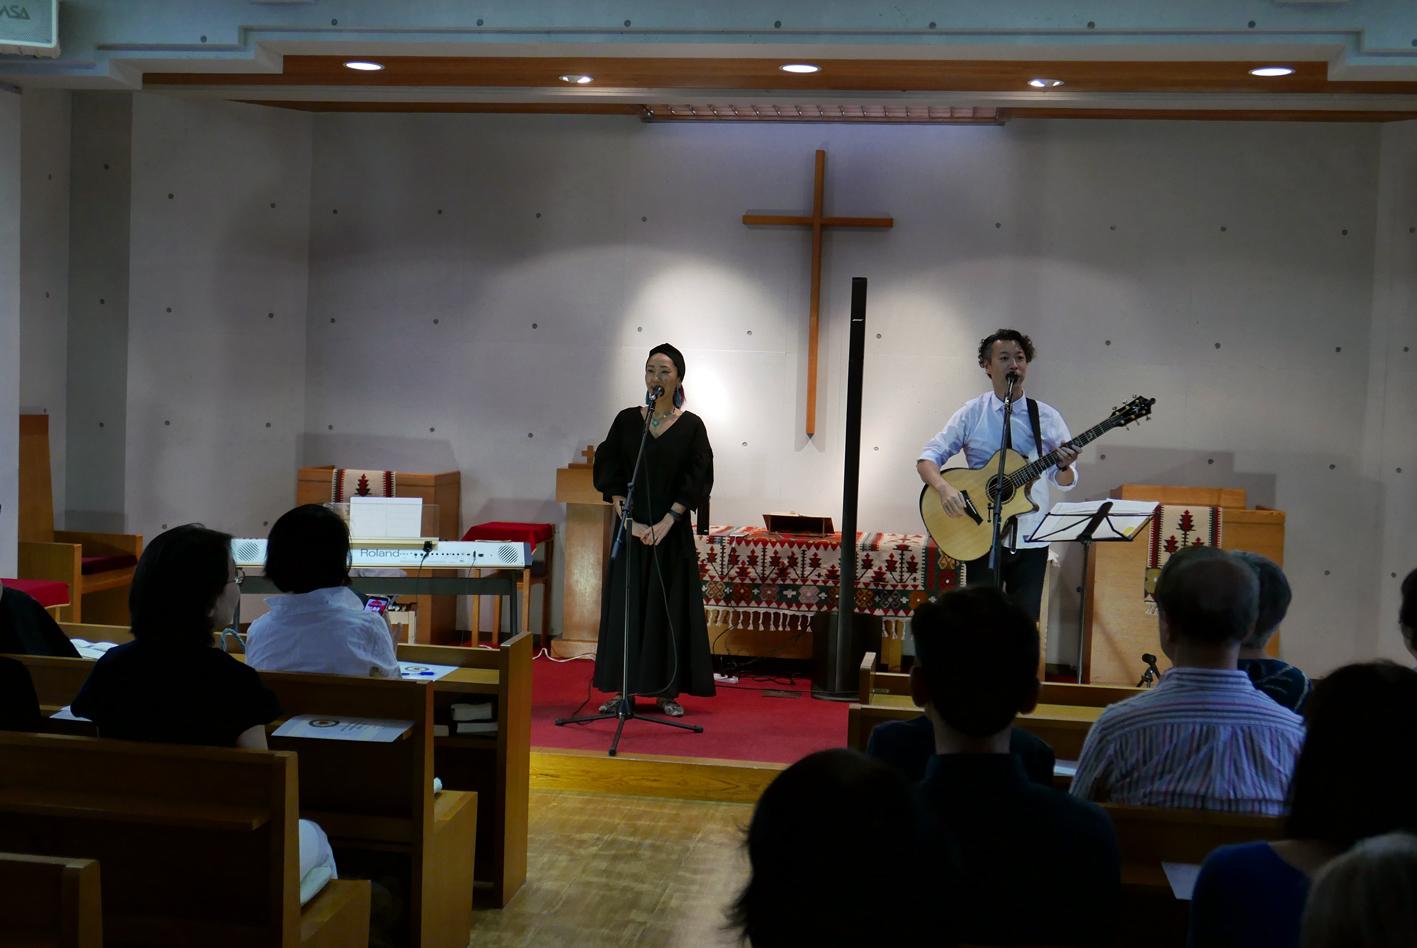 ゴスペルコンサートが開催されました。